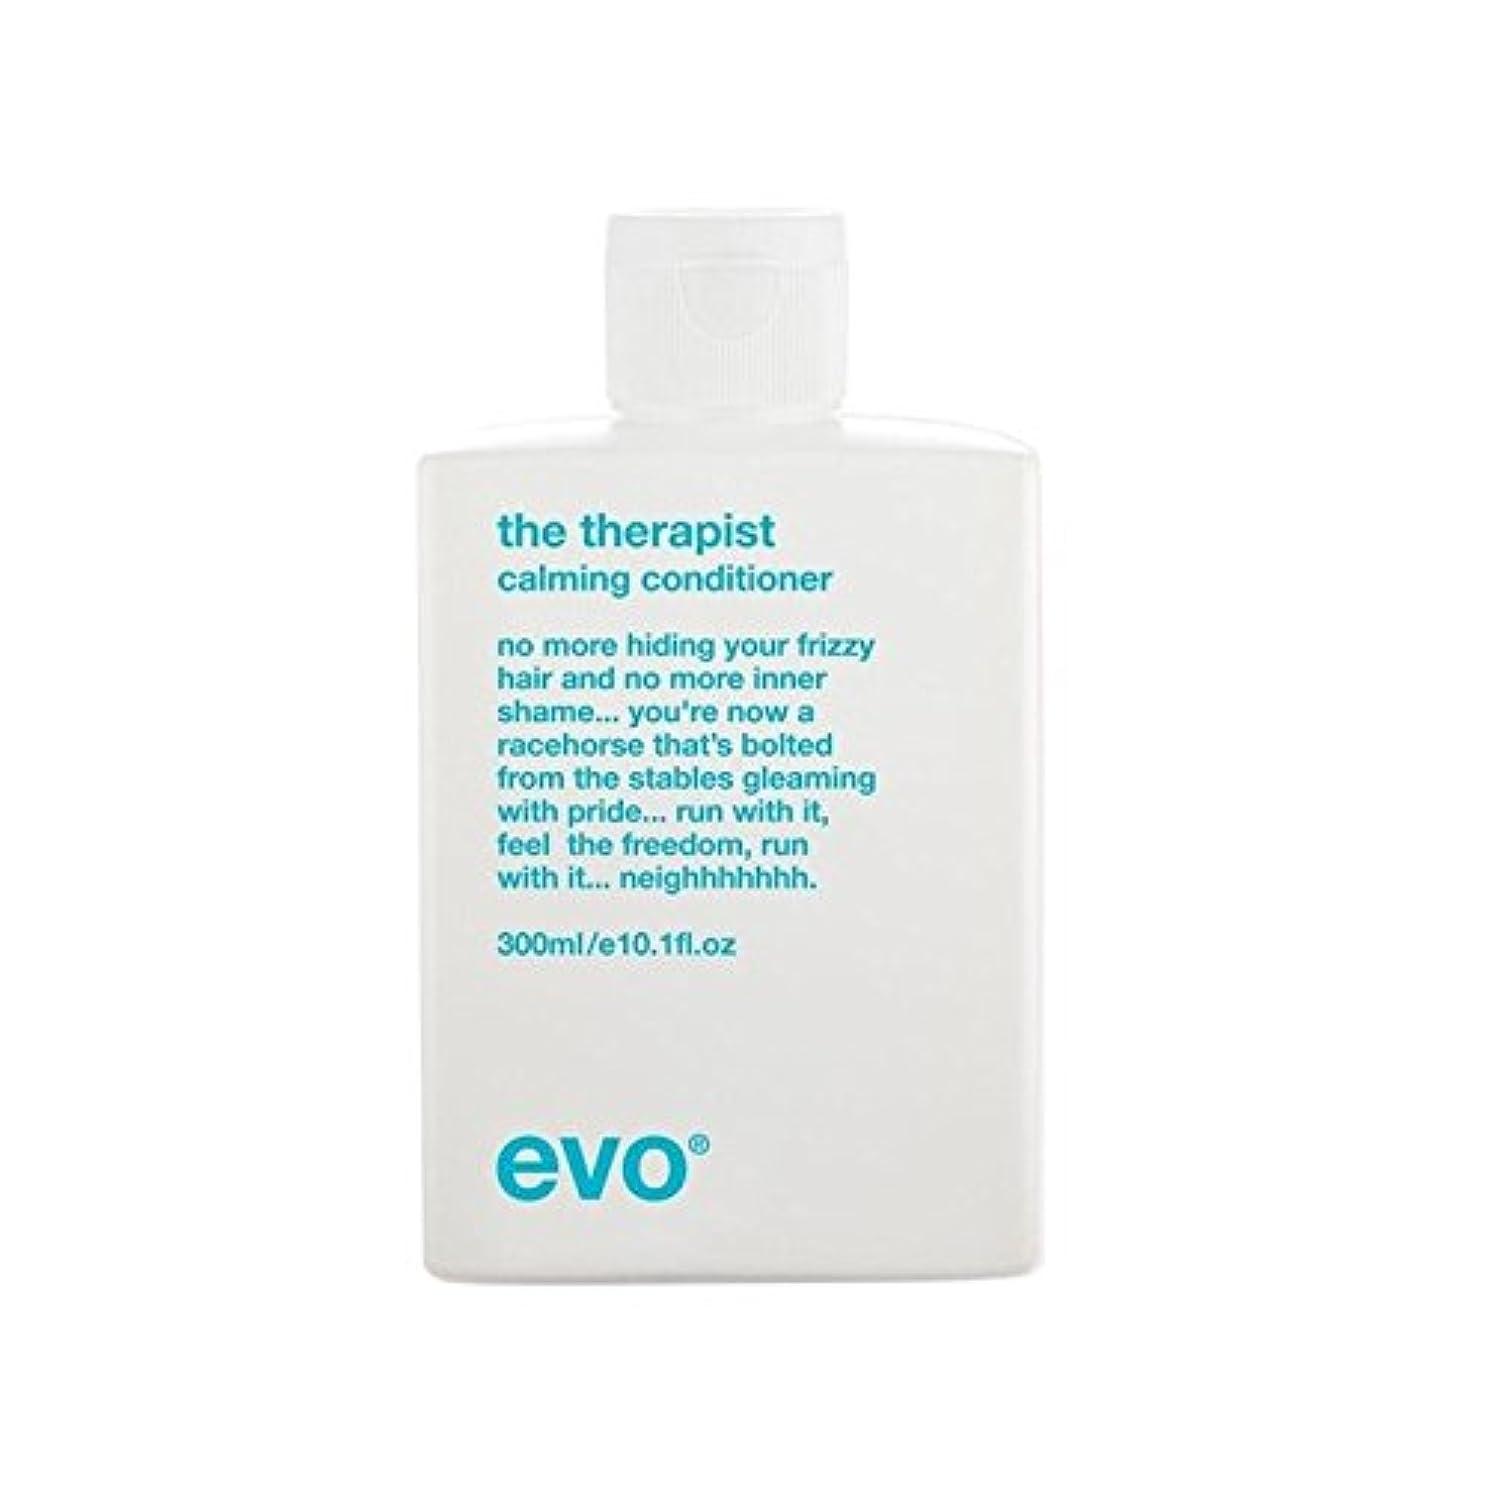 メイドキャンディーめったにEvo The Therapist Calming Conditioner (300ml) - セラピスト沈静コンディショナー(300ミリリットル) [並行輸入品]